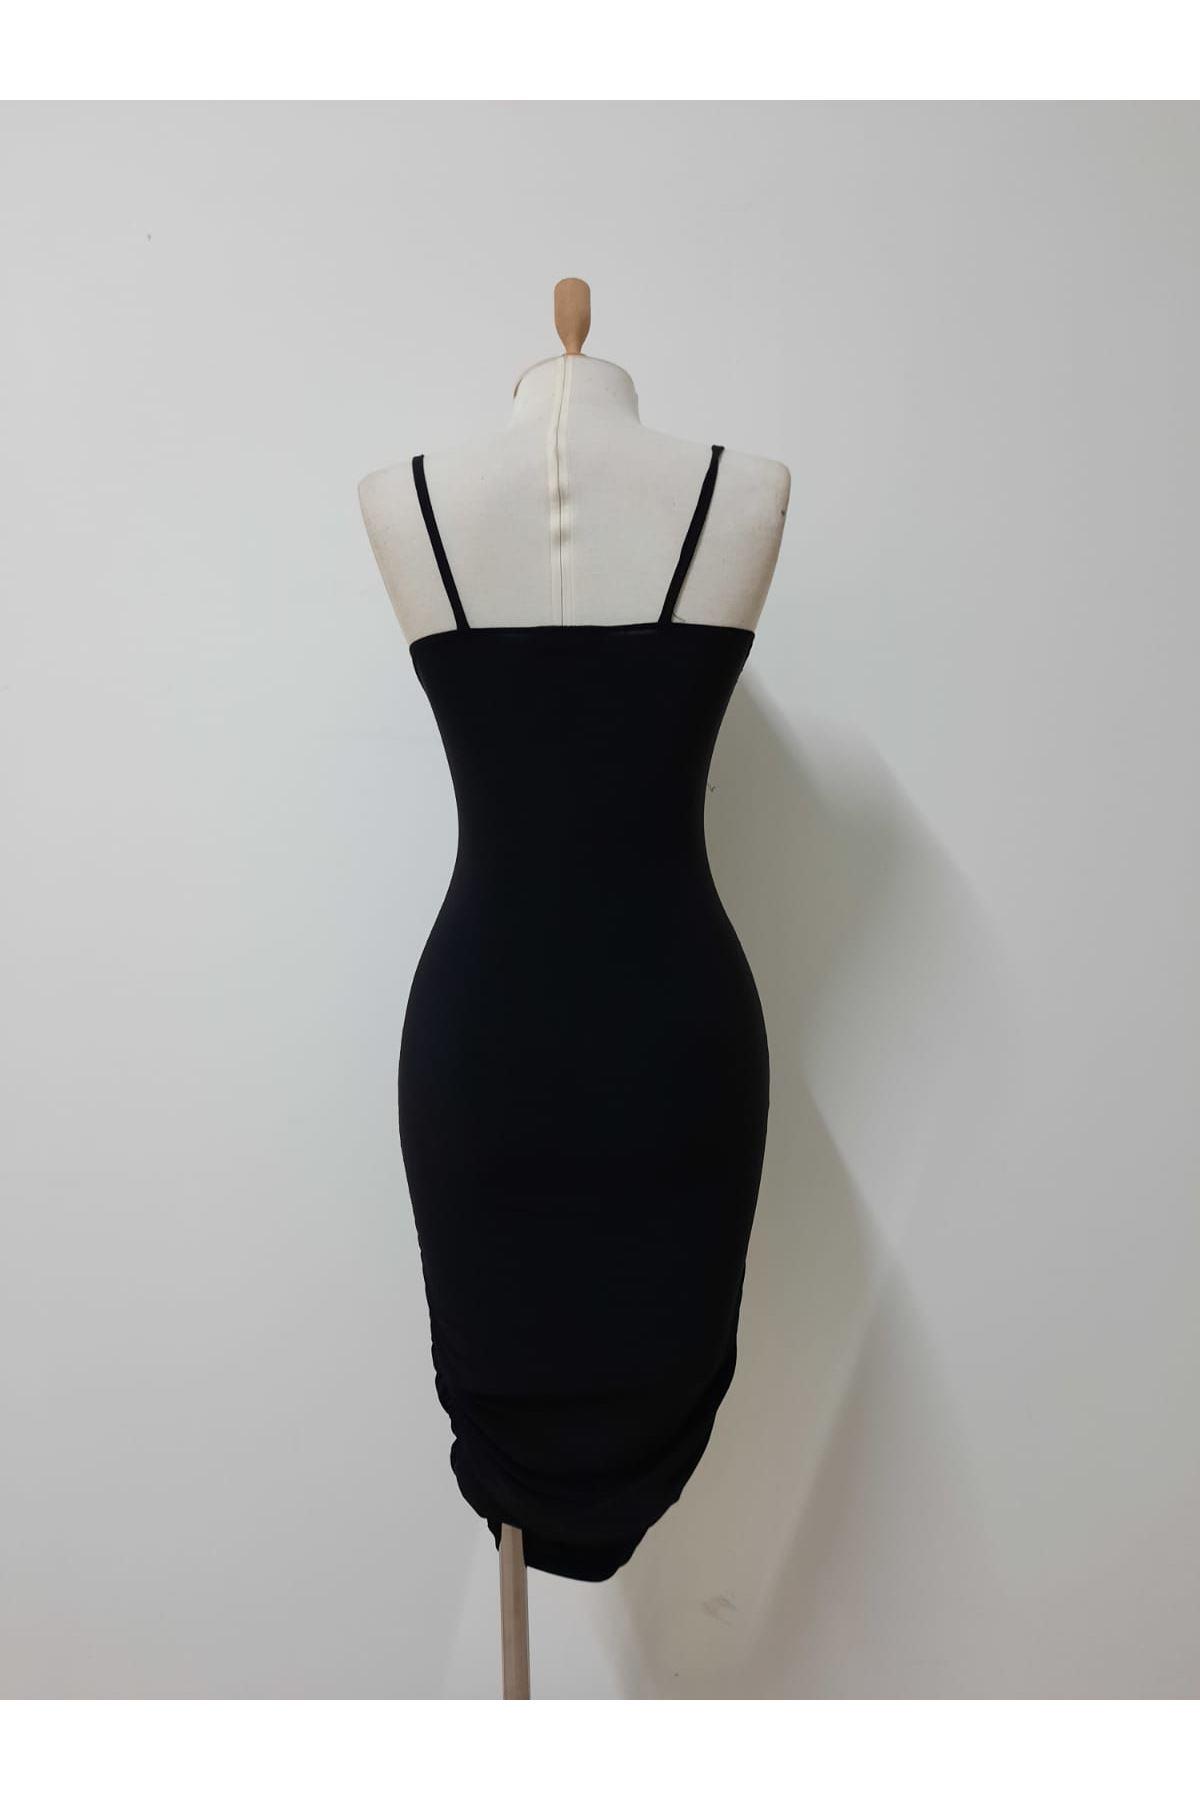 Göbek Dekolte Mini Elbise - SİYAH